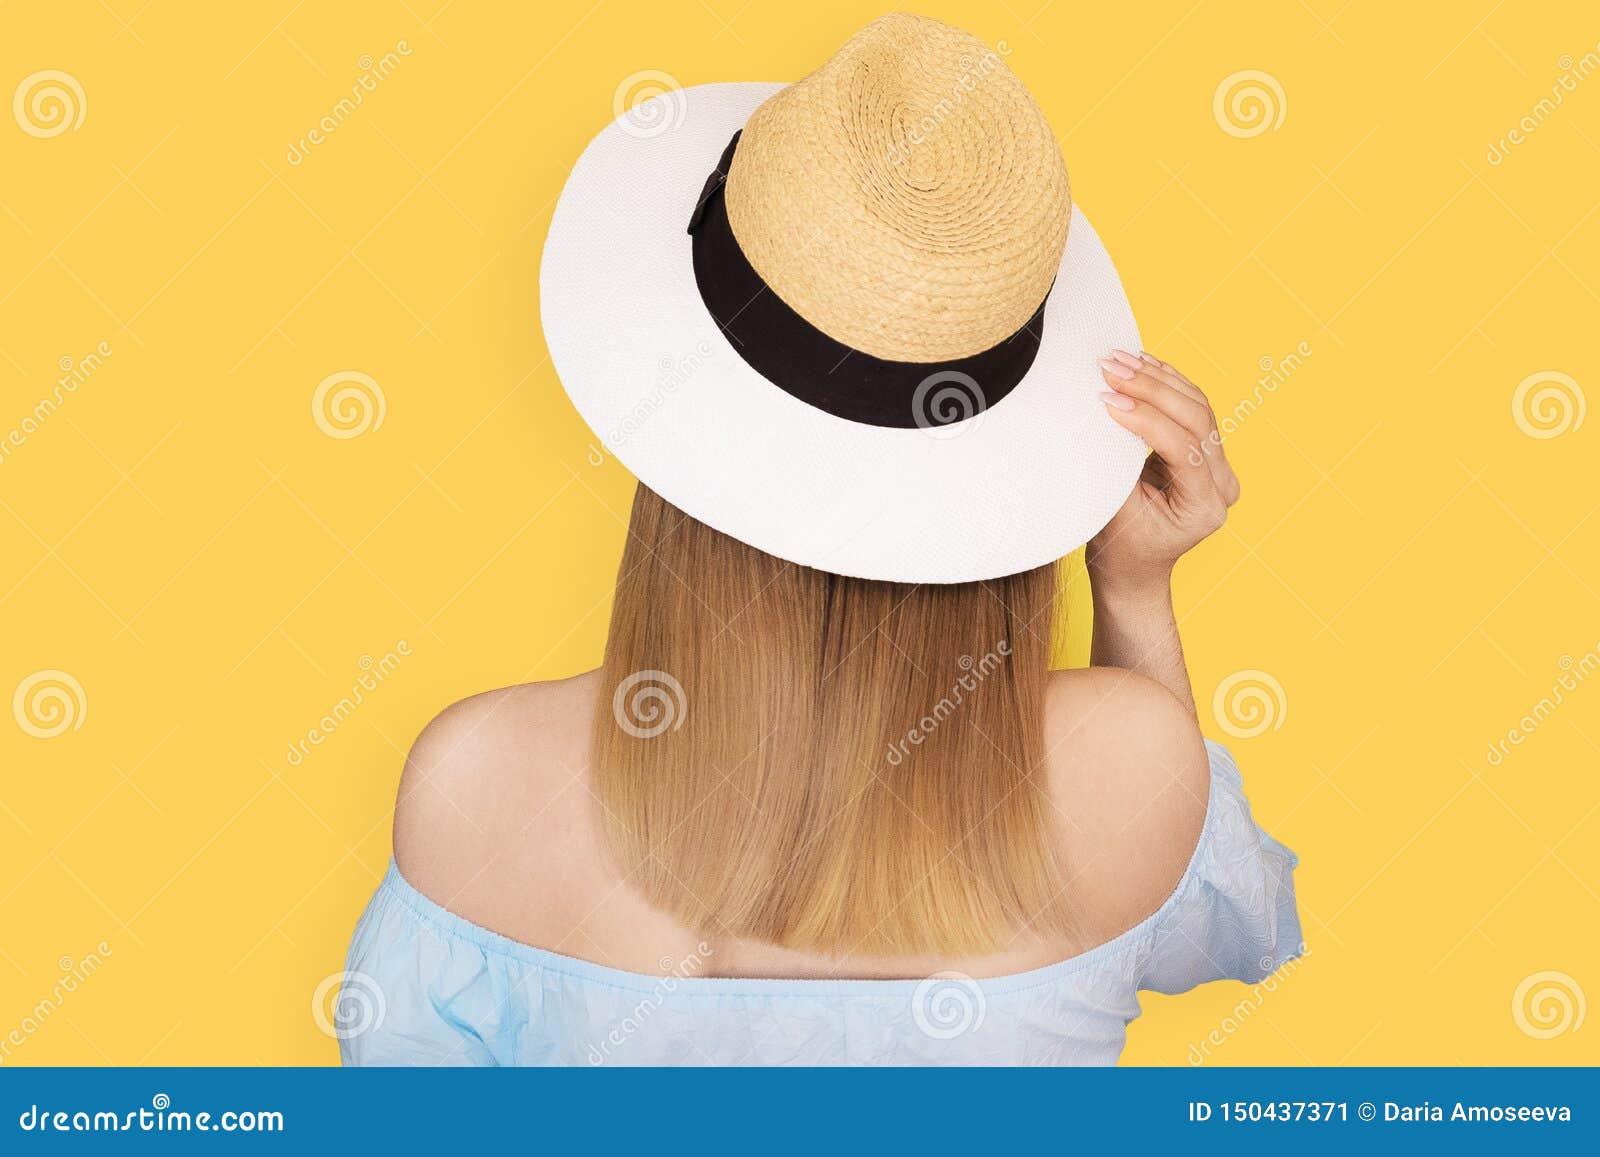 Fasonuje spojrzenie, dosyć chłodno młoda kobieta model trwanie z powrotem, będący ubranym eleganckiego kapelusz w błękit sukni na